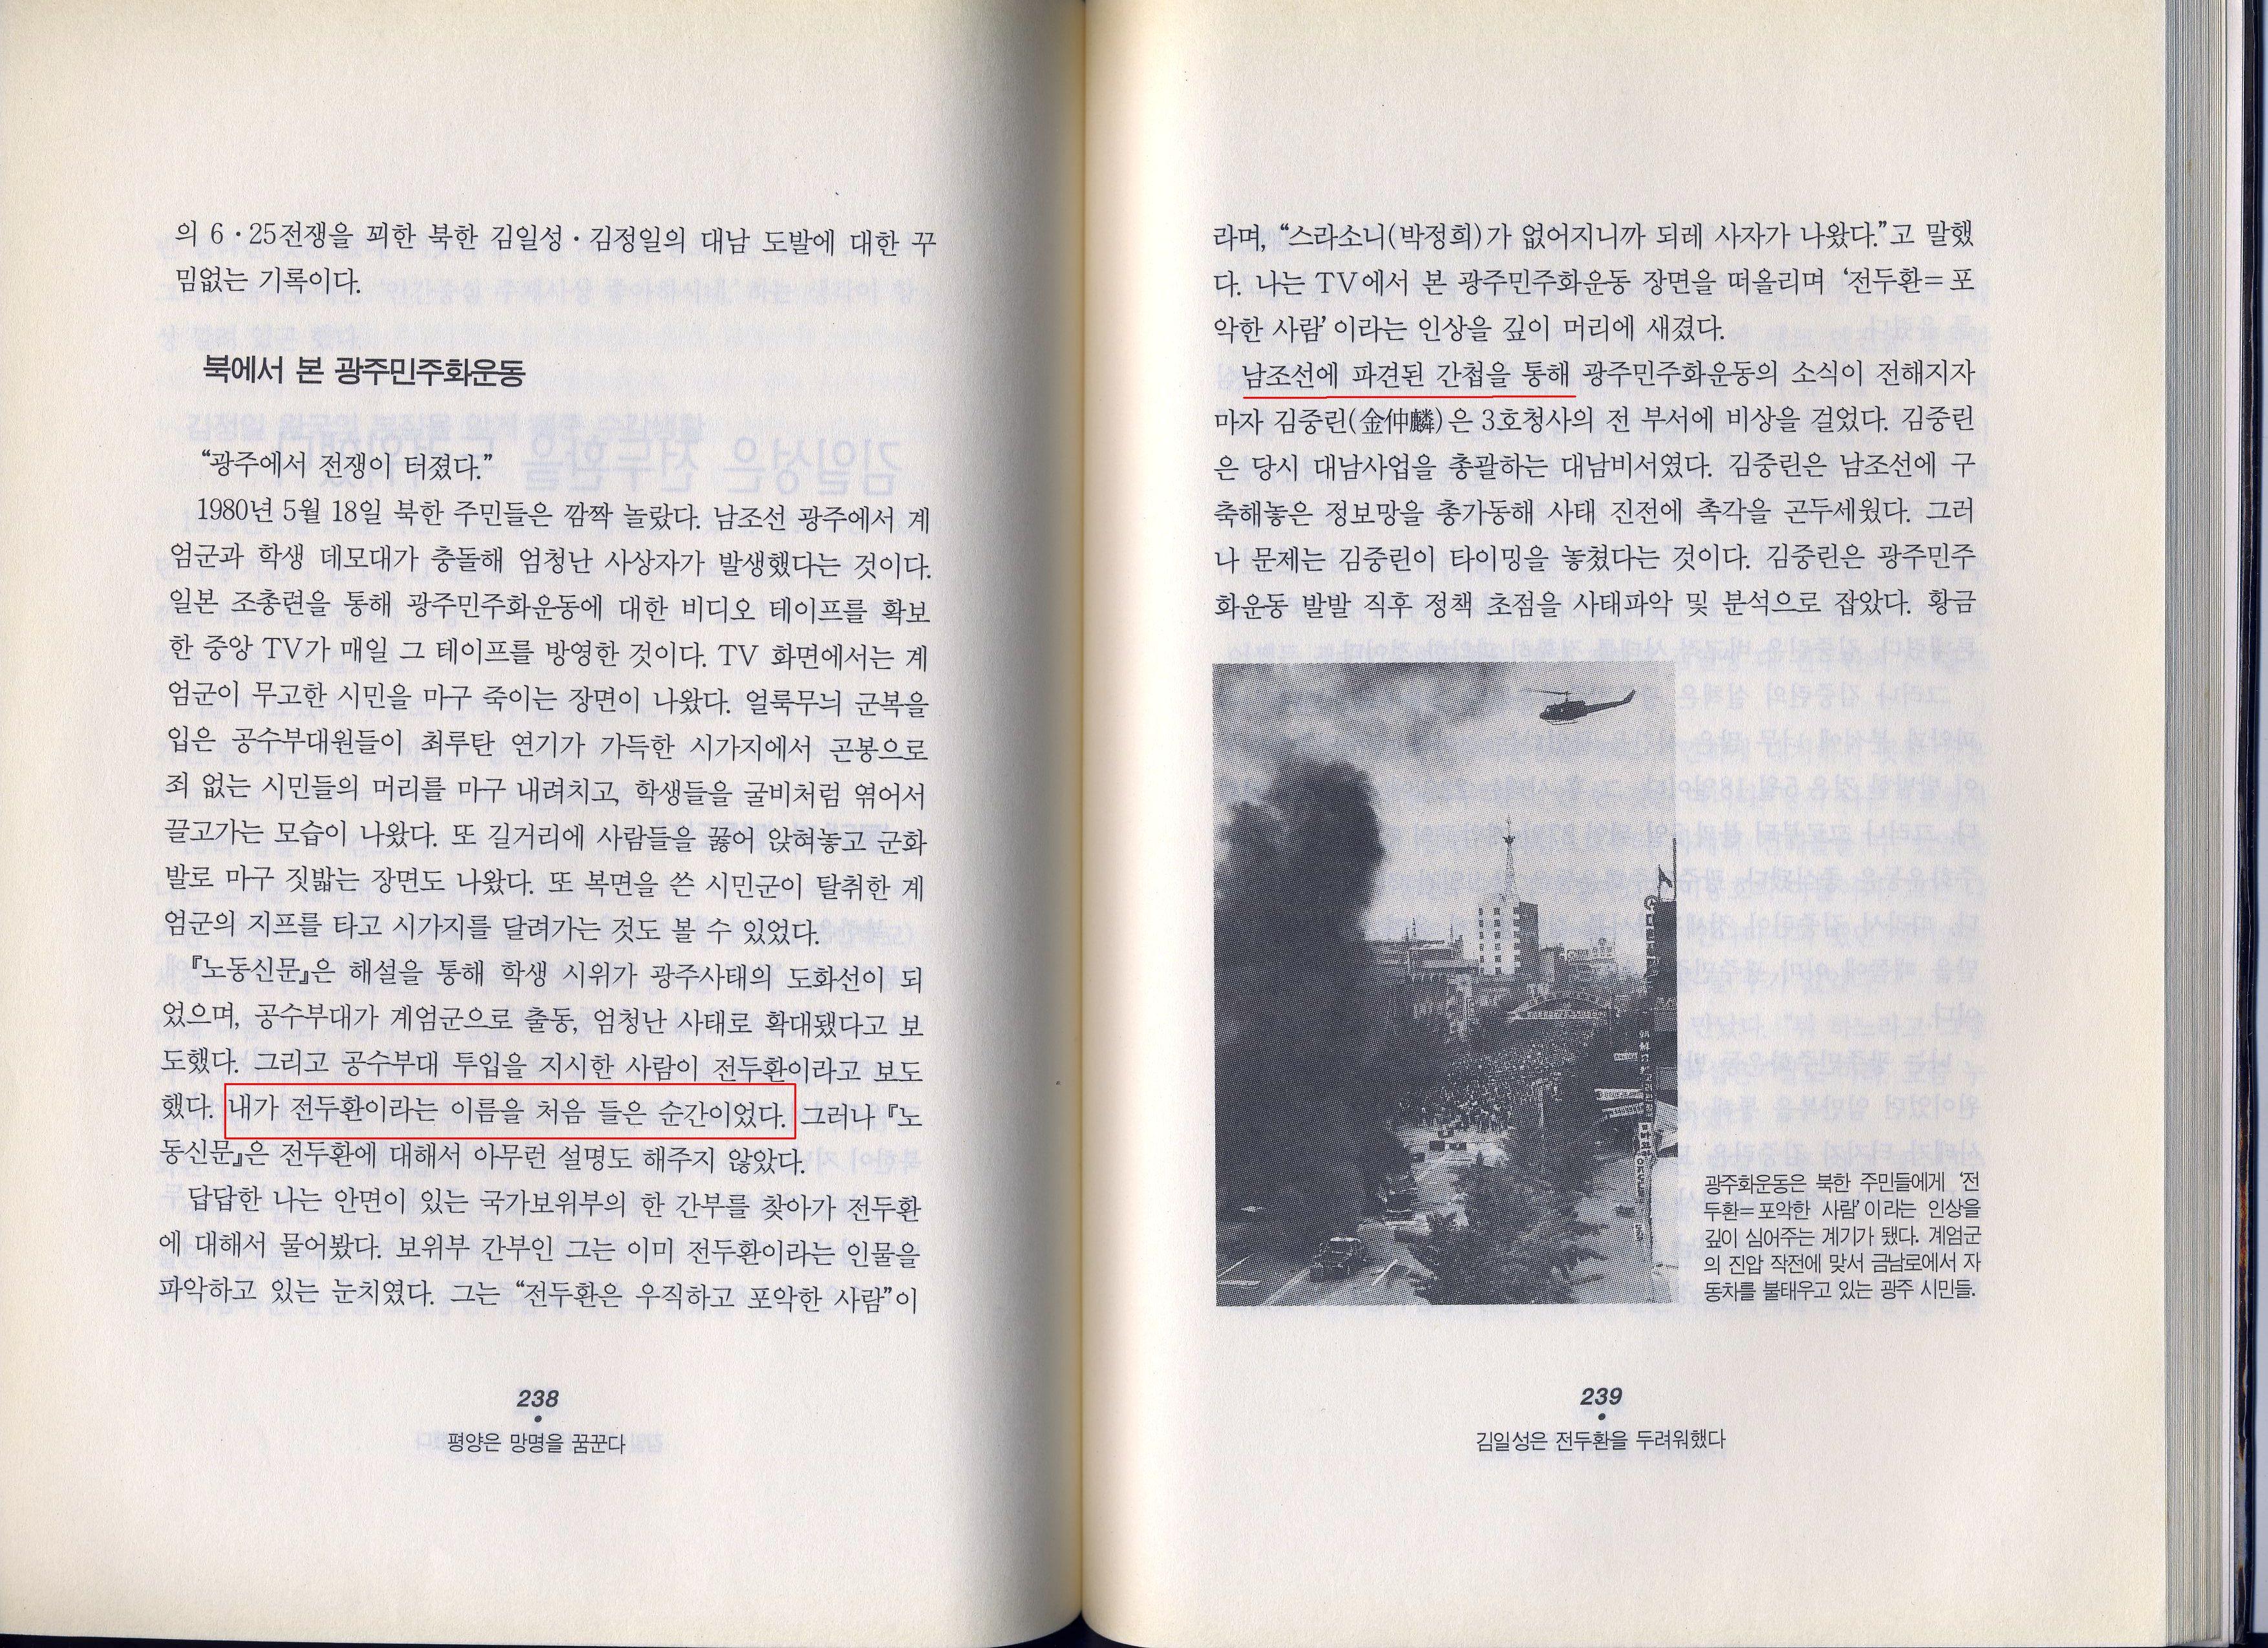 평양은 망명을 꿈꾼다 238~239쪽